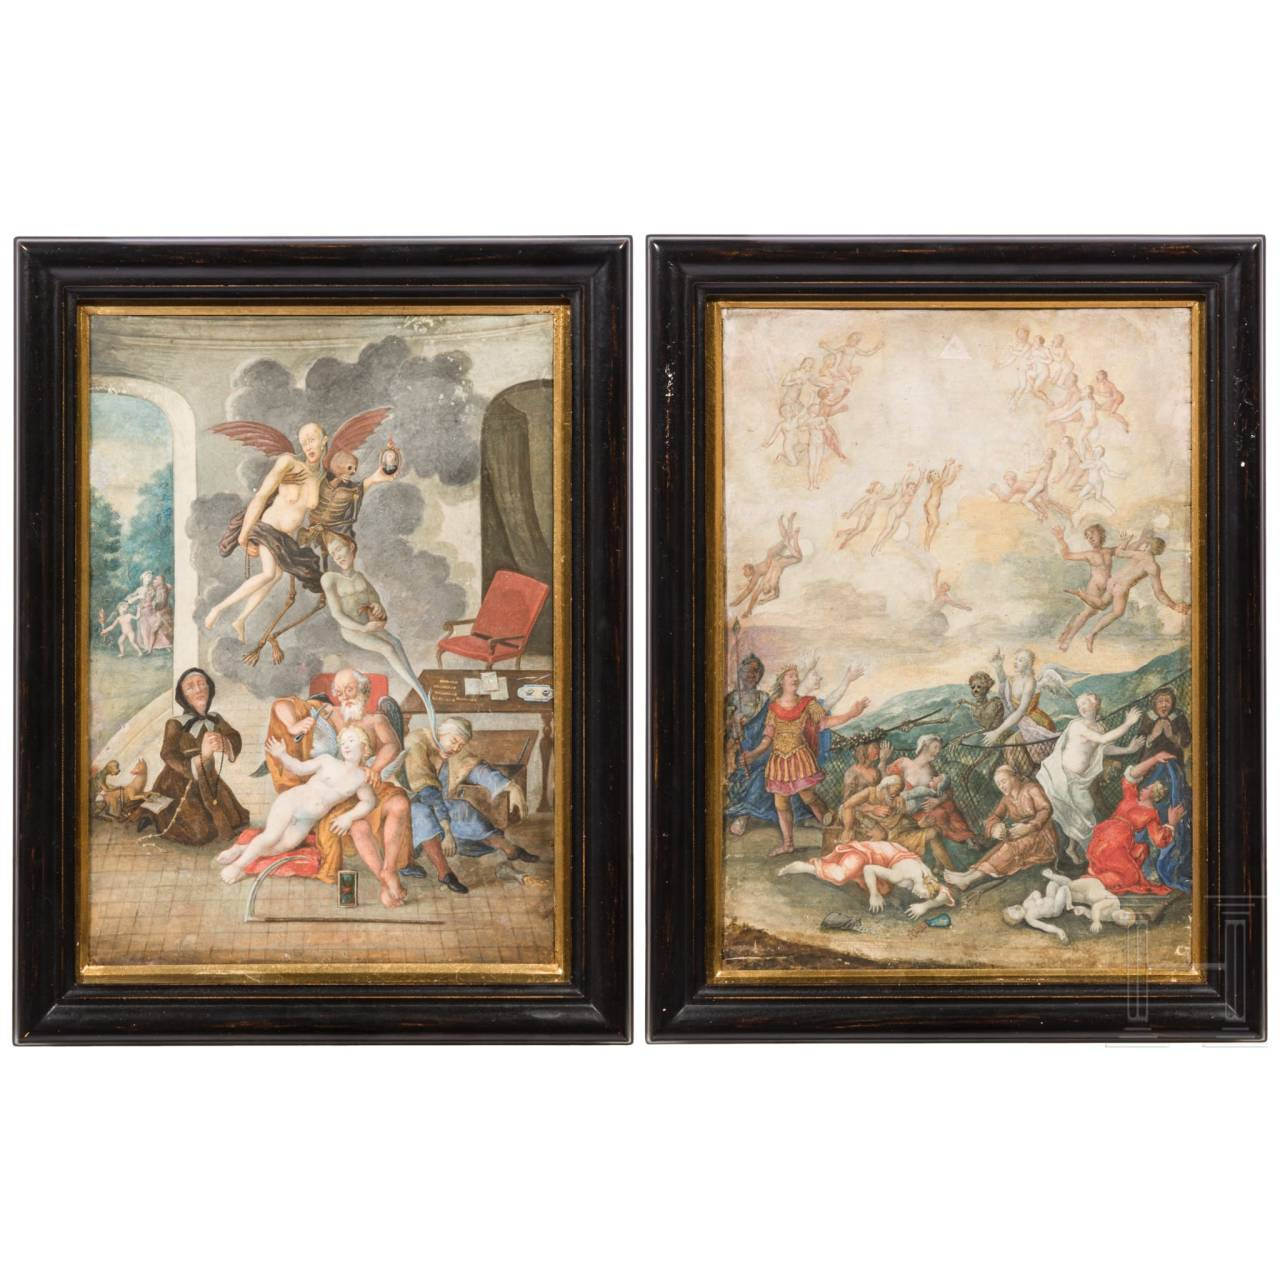 Ein Paar außergewöhnliche Vanitasdarstellungen, süddeutsch, frühes 18. Jhdt.